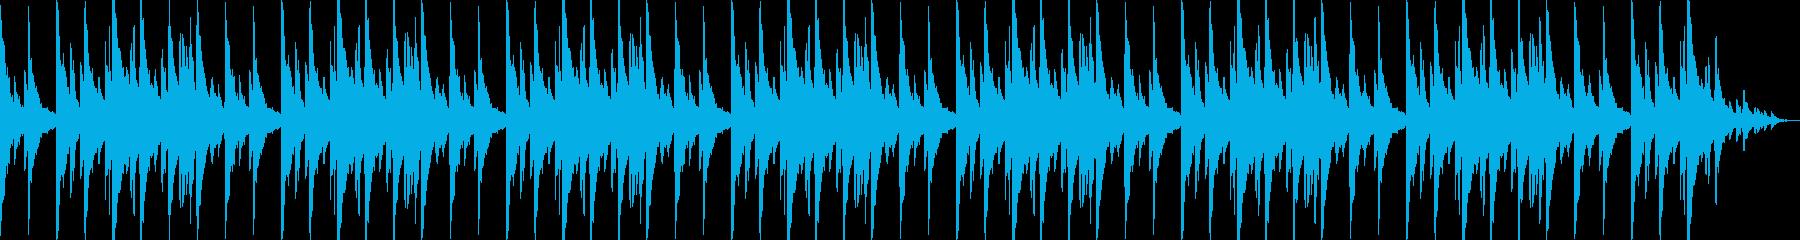 ピアノがメインの癒し系ヒーリングサウンドの再生済みの波形